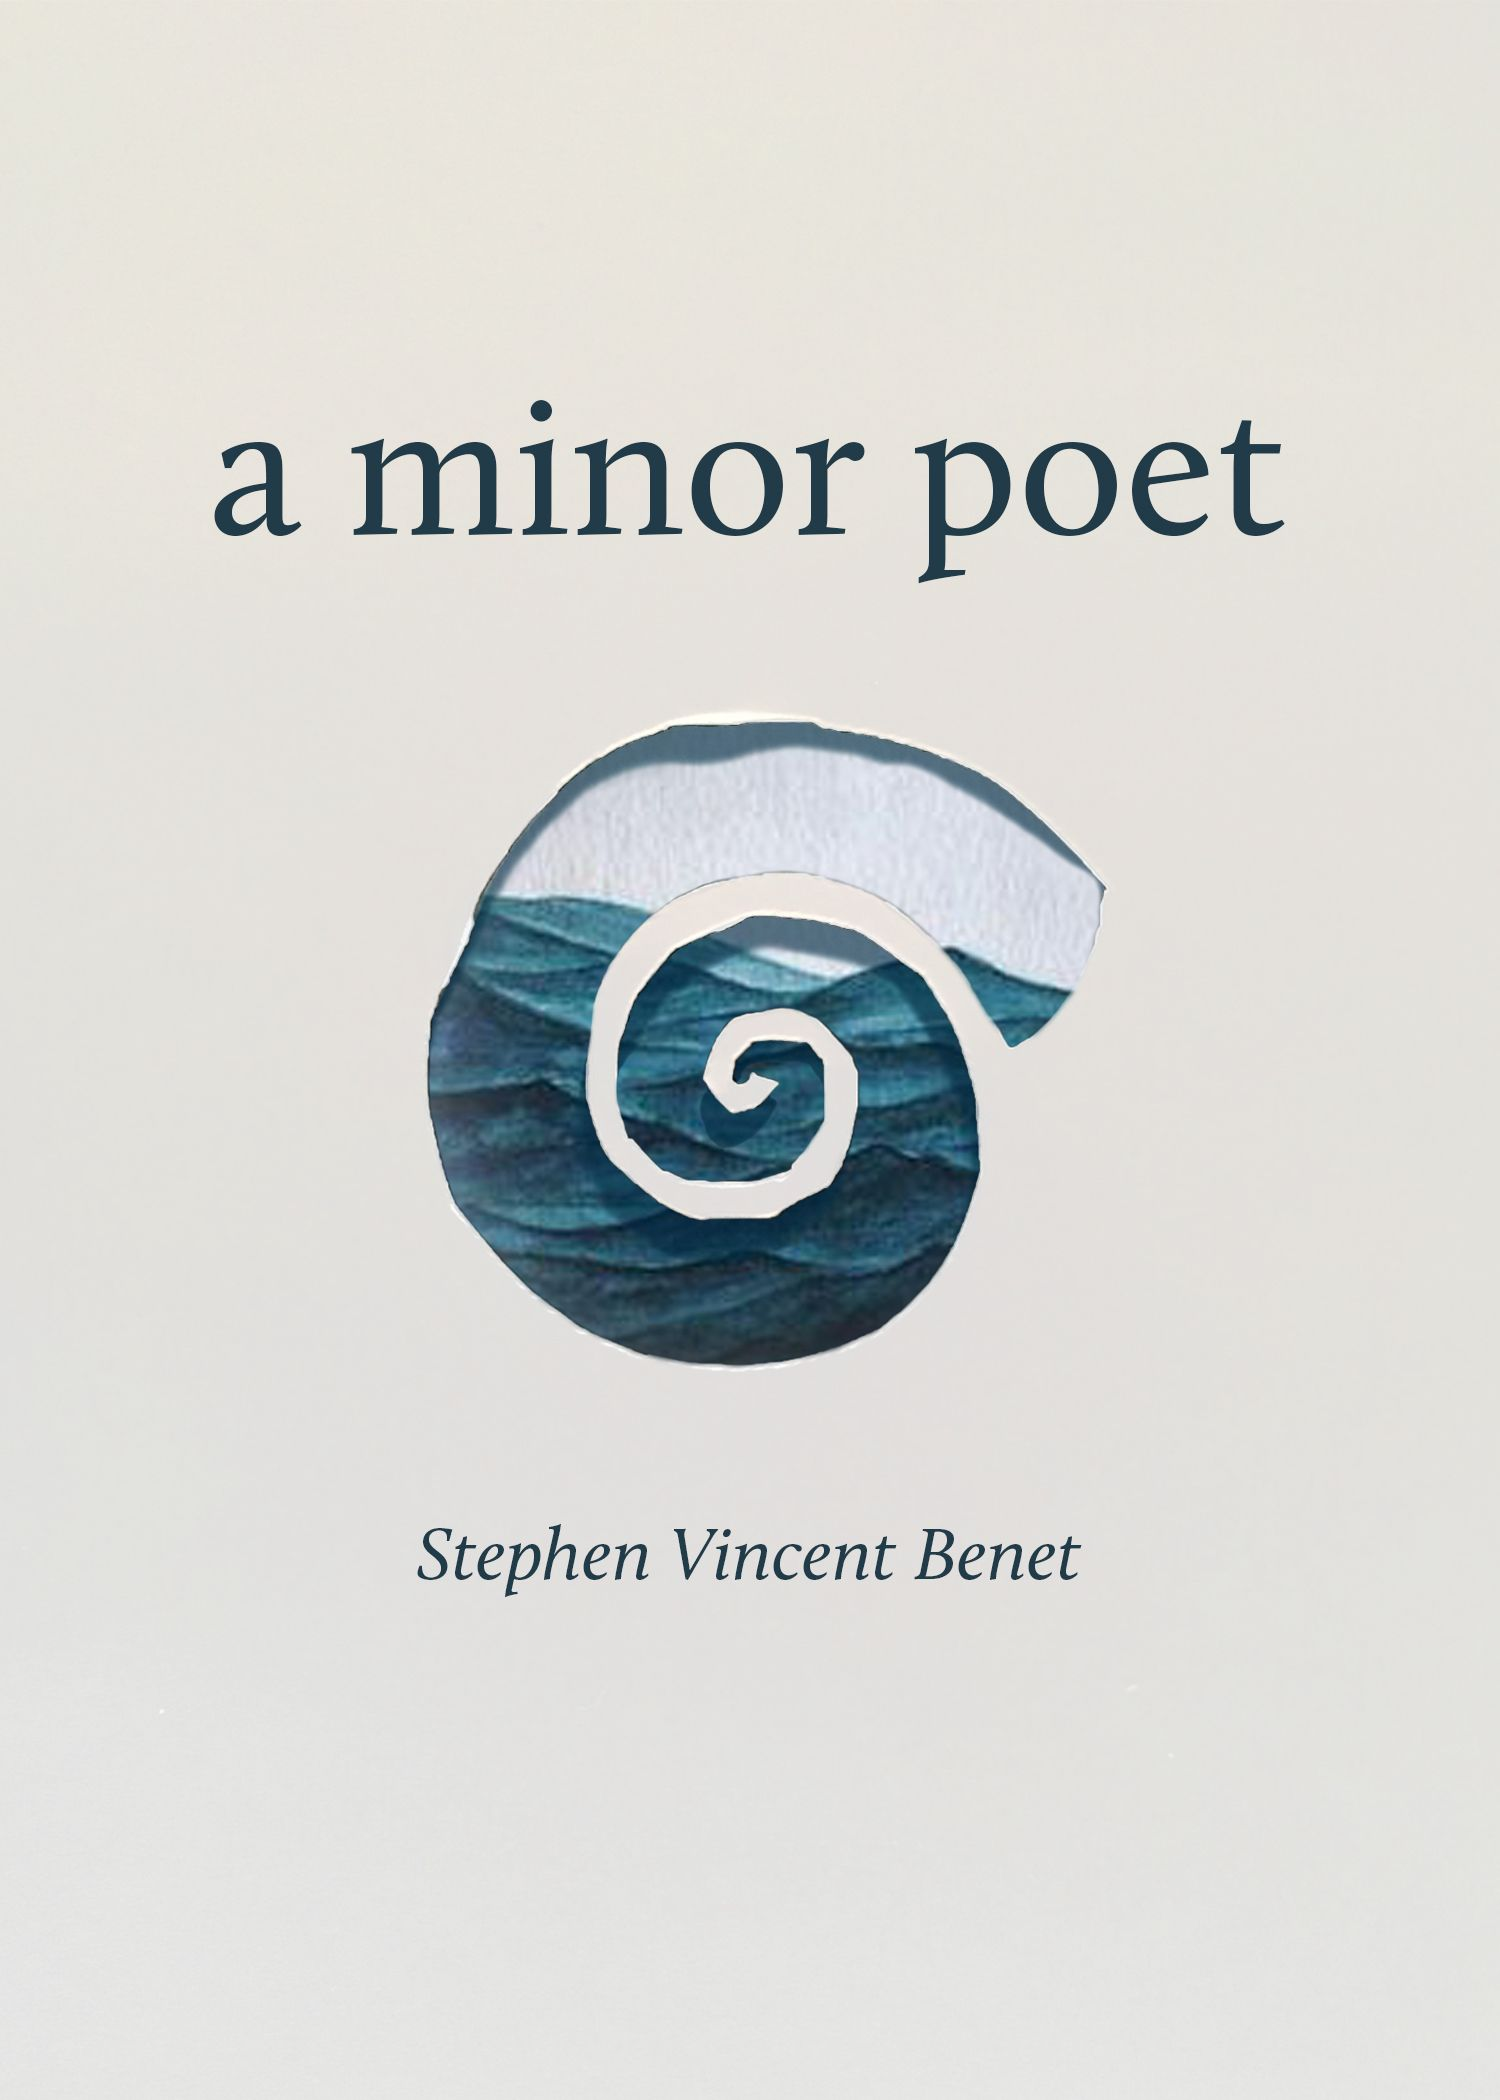 35+ Books like the cruel sea ideas